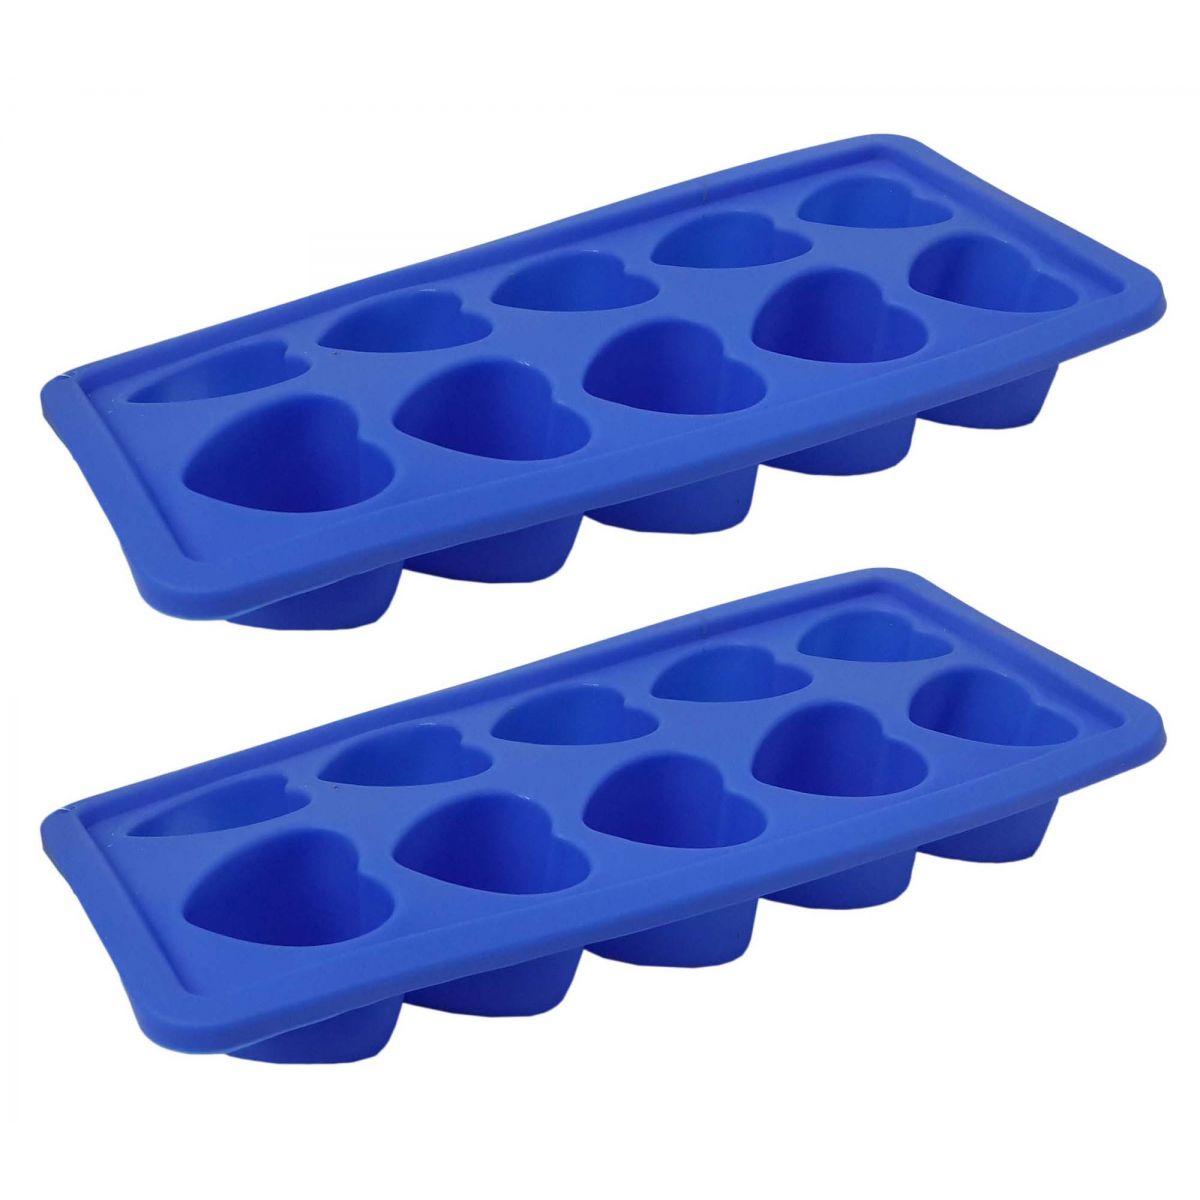 Kit Com 2 Formas De Gelo Em Silicone Para Cozinha Estilo Coração Azul (sili-19)